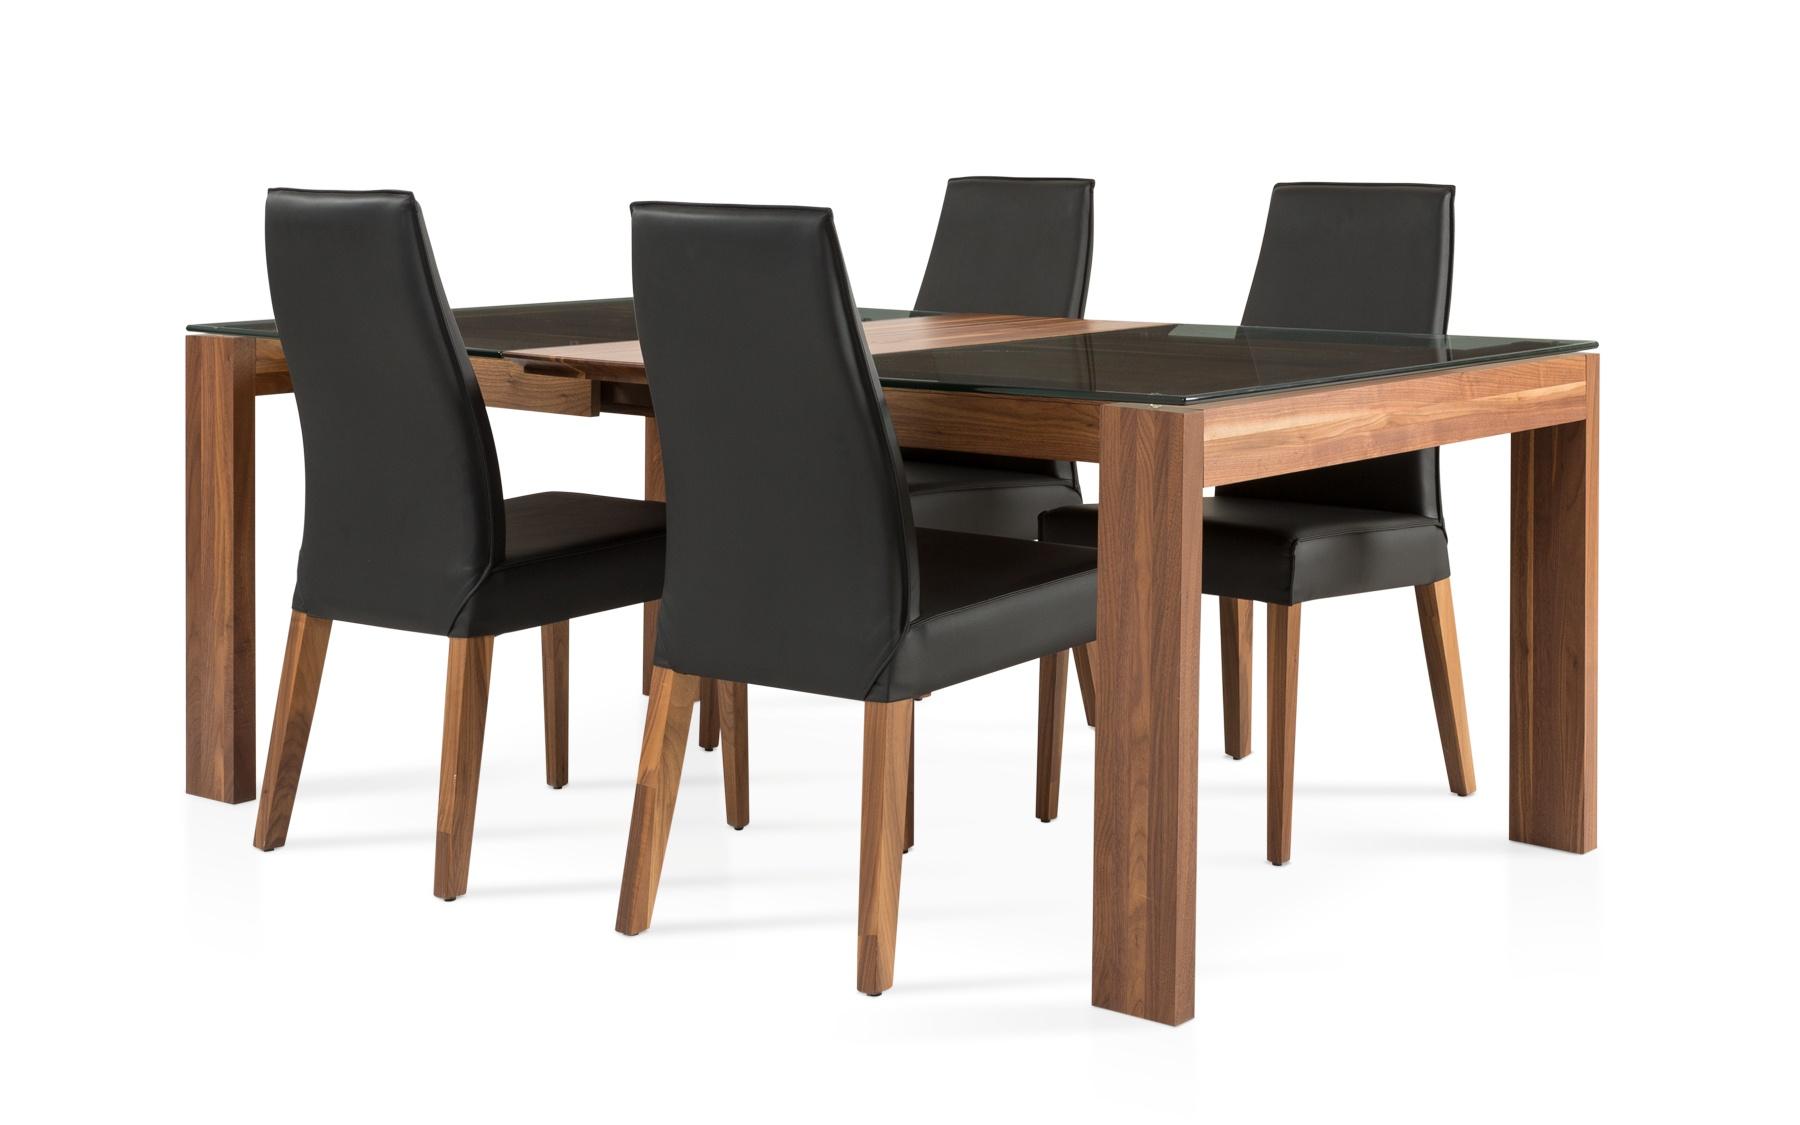 Chaise co543 chaises salles manger la galerie du for Galerie du meuble